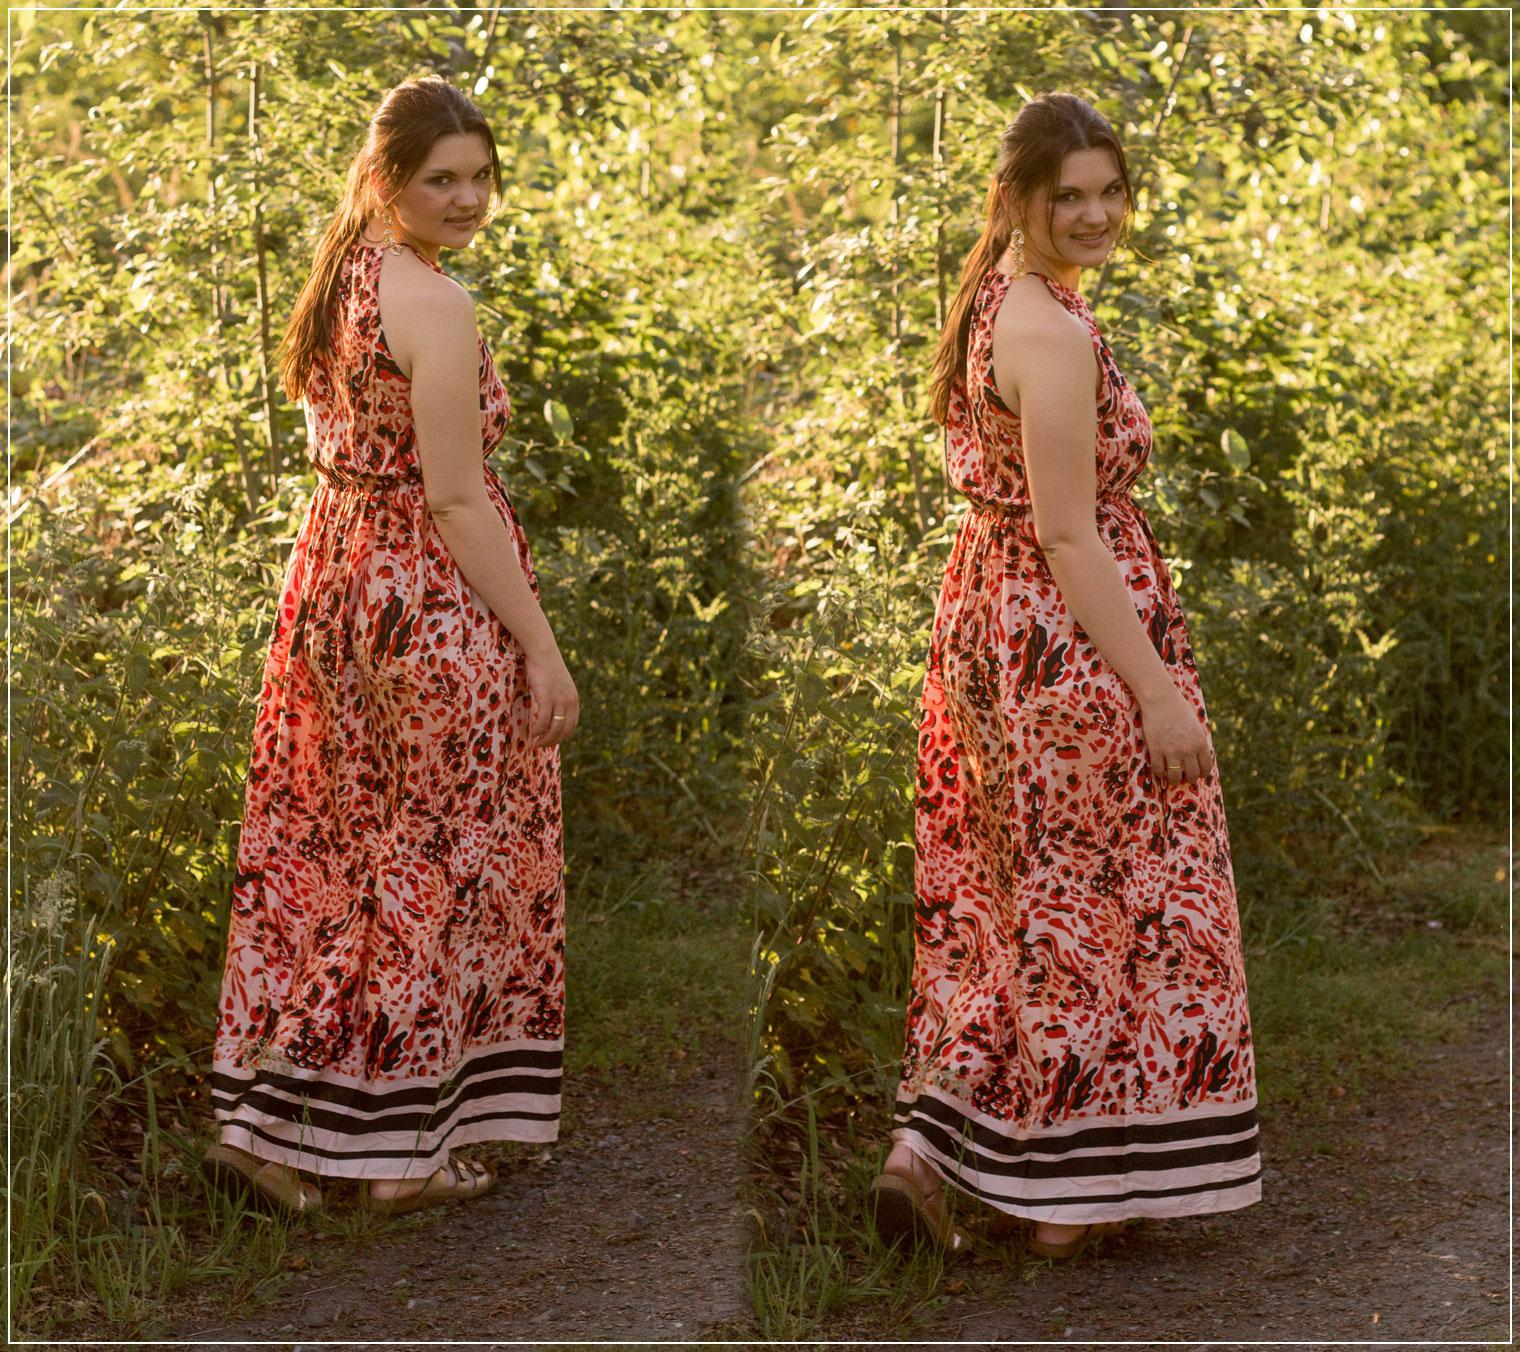 Maxi-Kleid, Sommer Outfit, Maxikleider für jede Figur, eleganter Style, Styleguide, Outfitinspiration, Modebloggerin, Fashionbloggerin, Modeblog, Ruhrgebiet